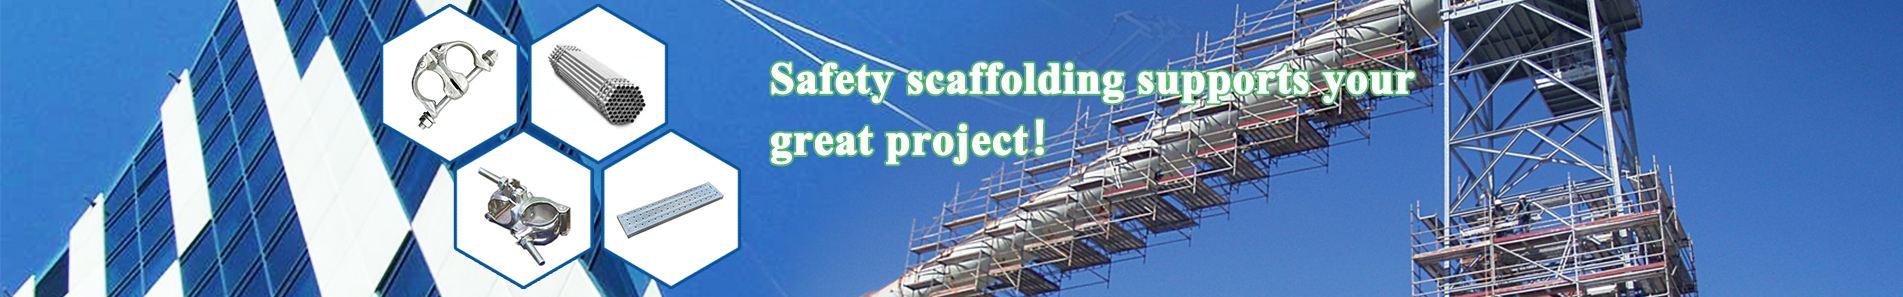 tubular-scaffolding